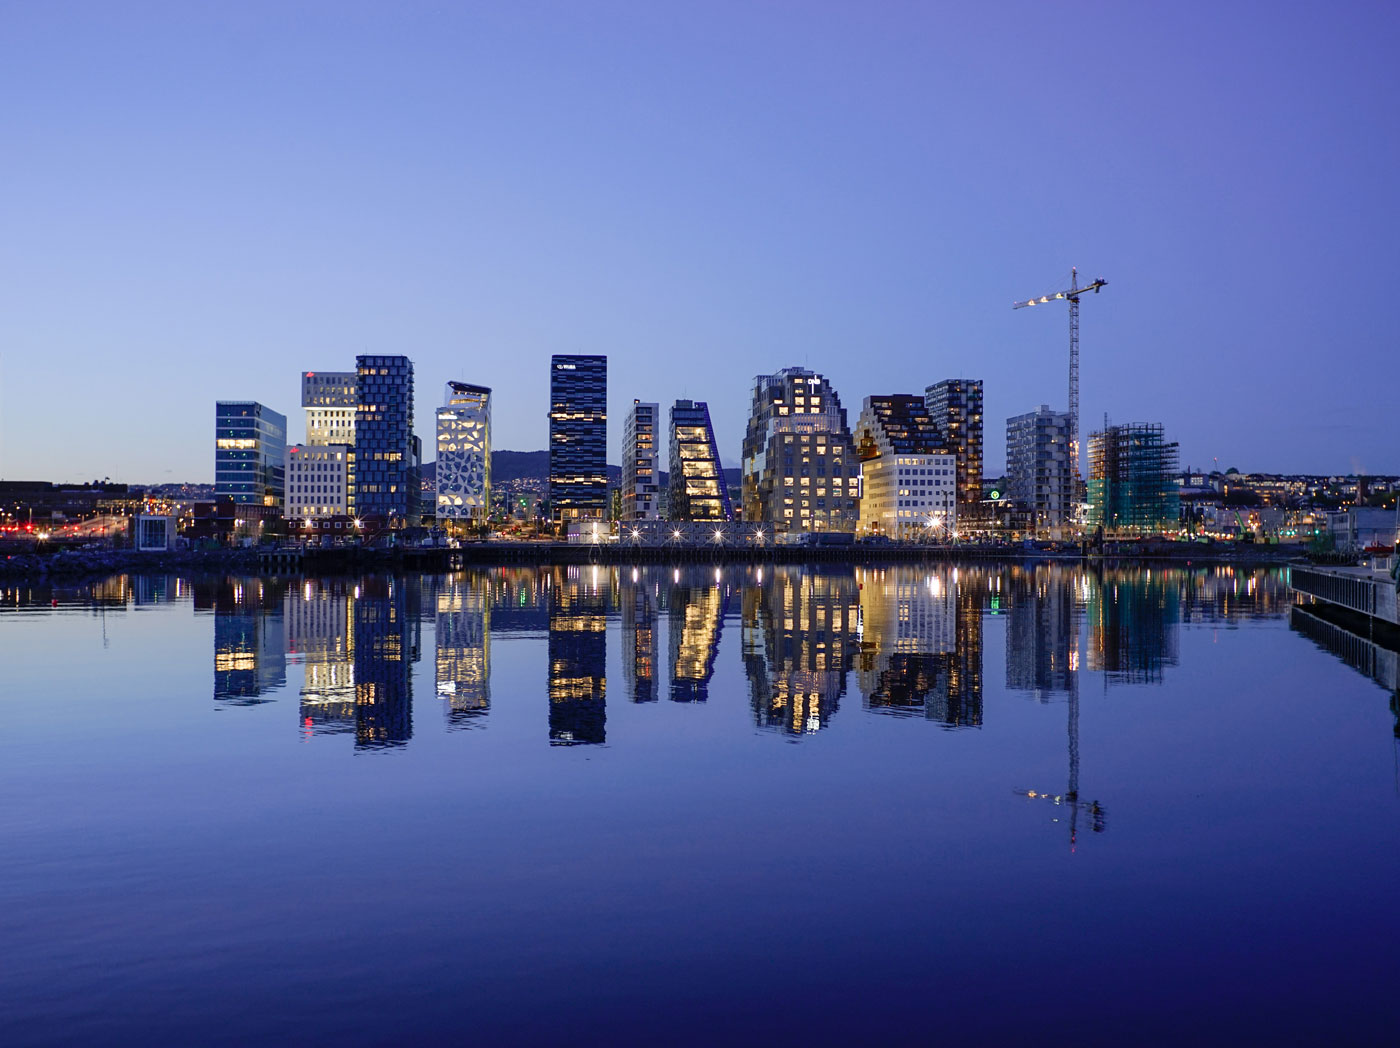 🏔️ Підкорити північ: 5 порад для IT-компаній, які хочуть вийти на норвезький ринок